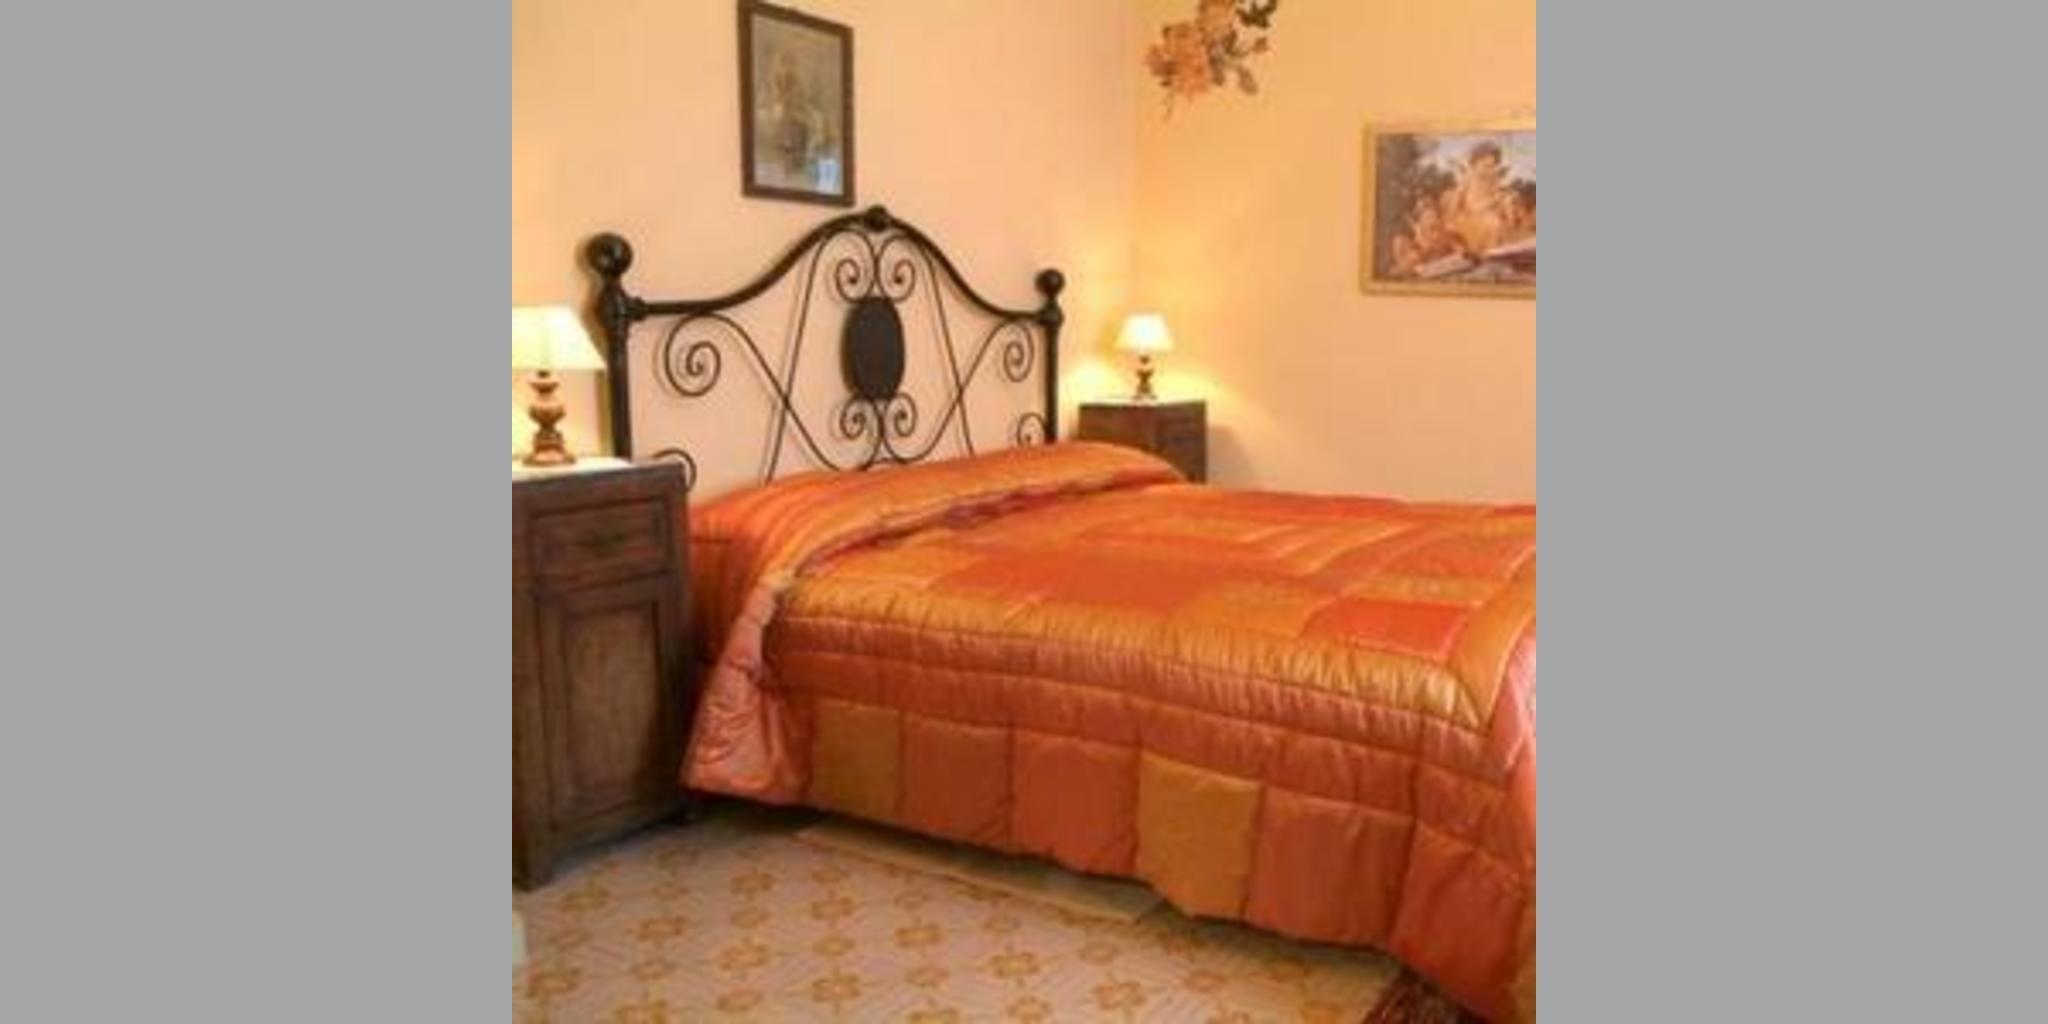 Bed & Breakfast Castiglion Fiorentino - Valdichiana Aretina